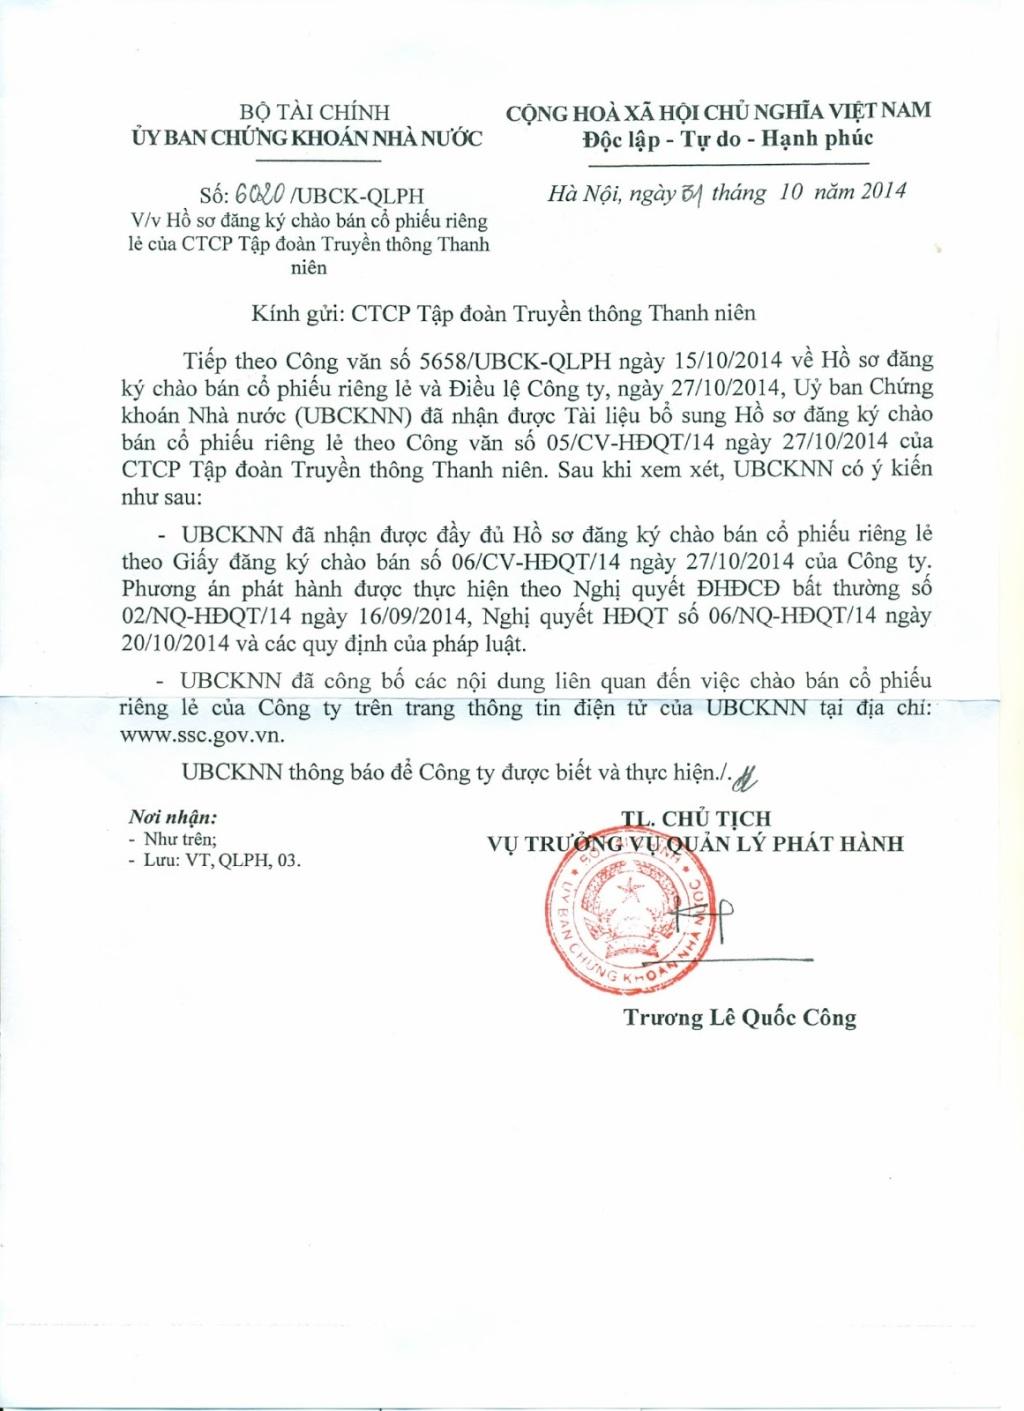 Thông báo phát hành cổ phiếu TNCorp ra công chúng của UBCKNN(!?)